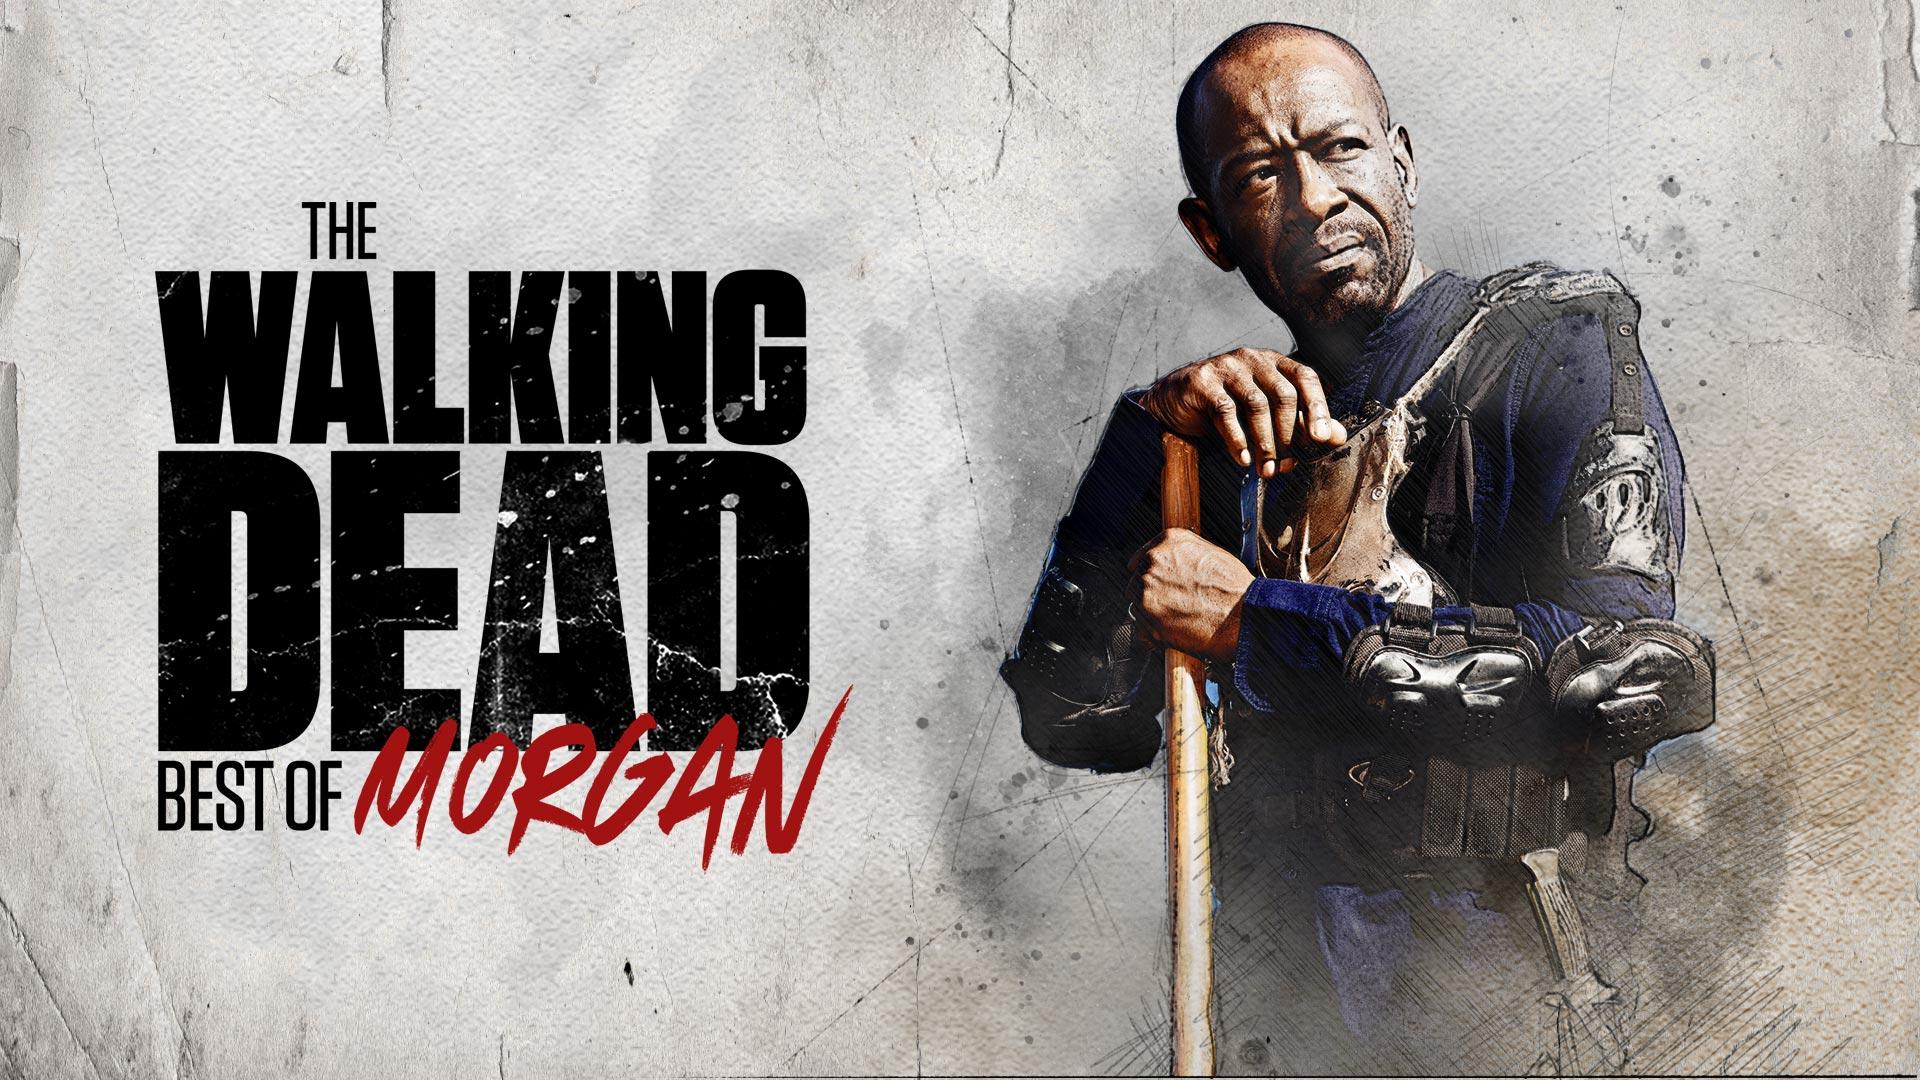 The Walking Dead: Best of Morgan, Season 1